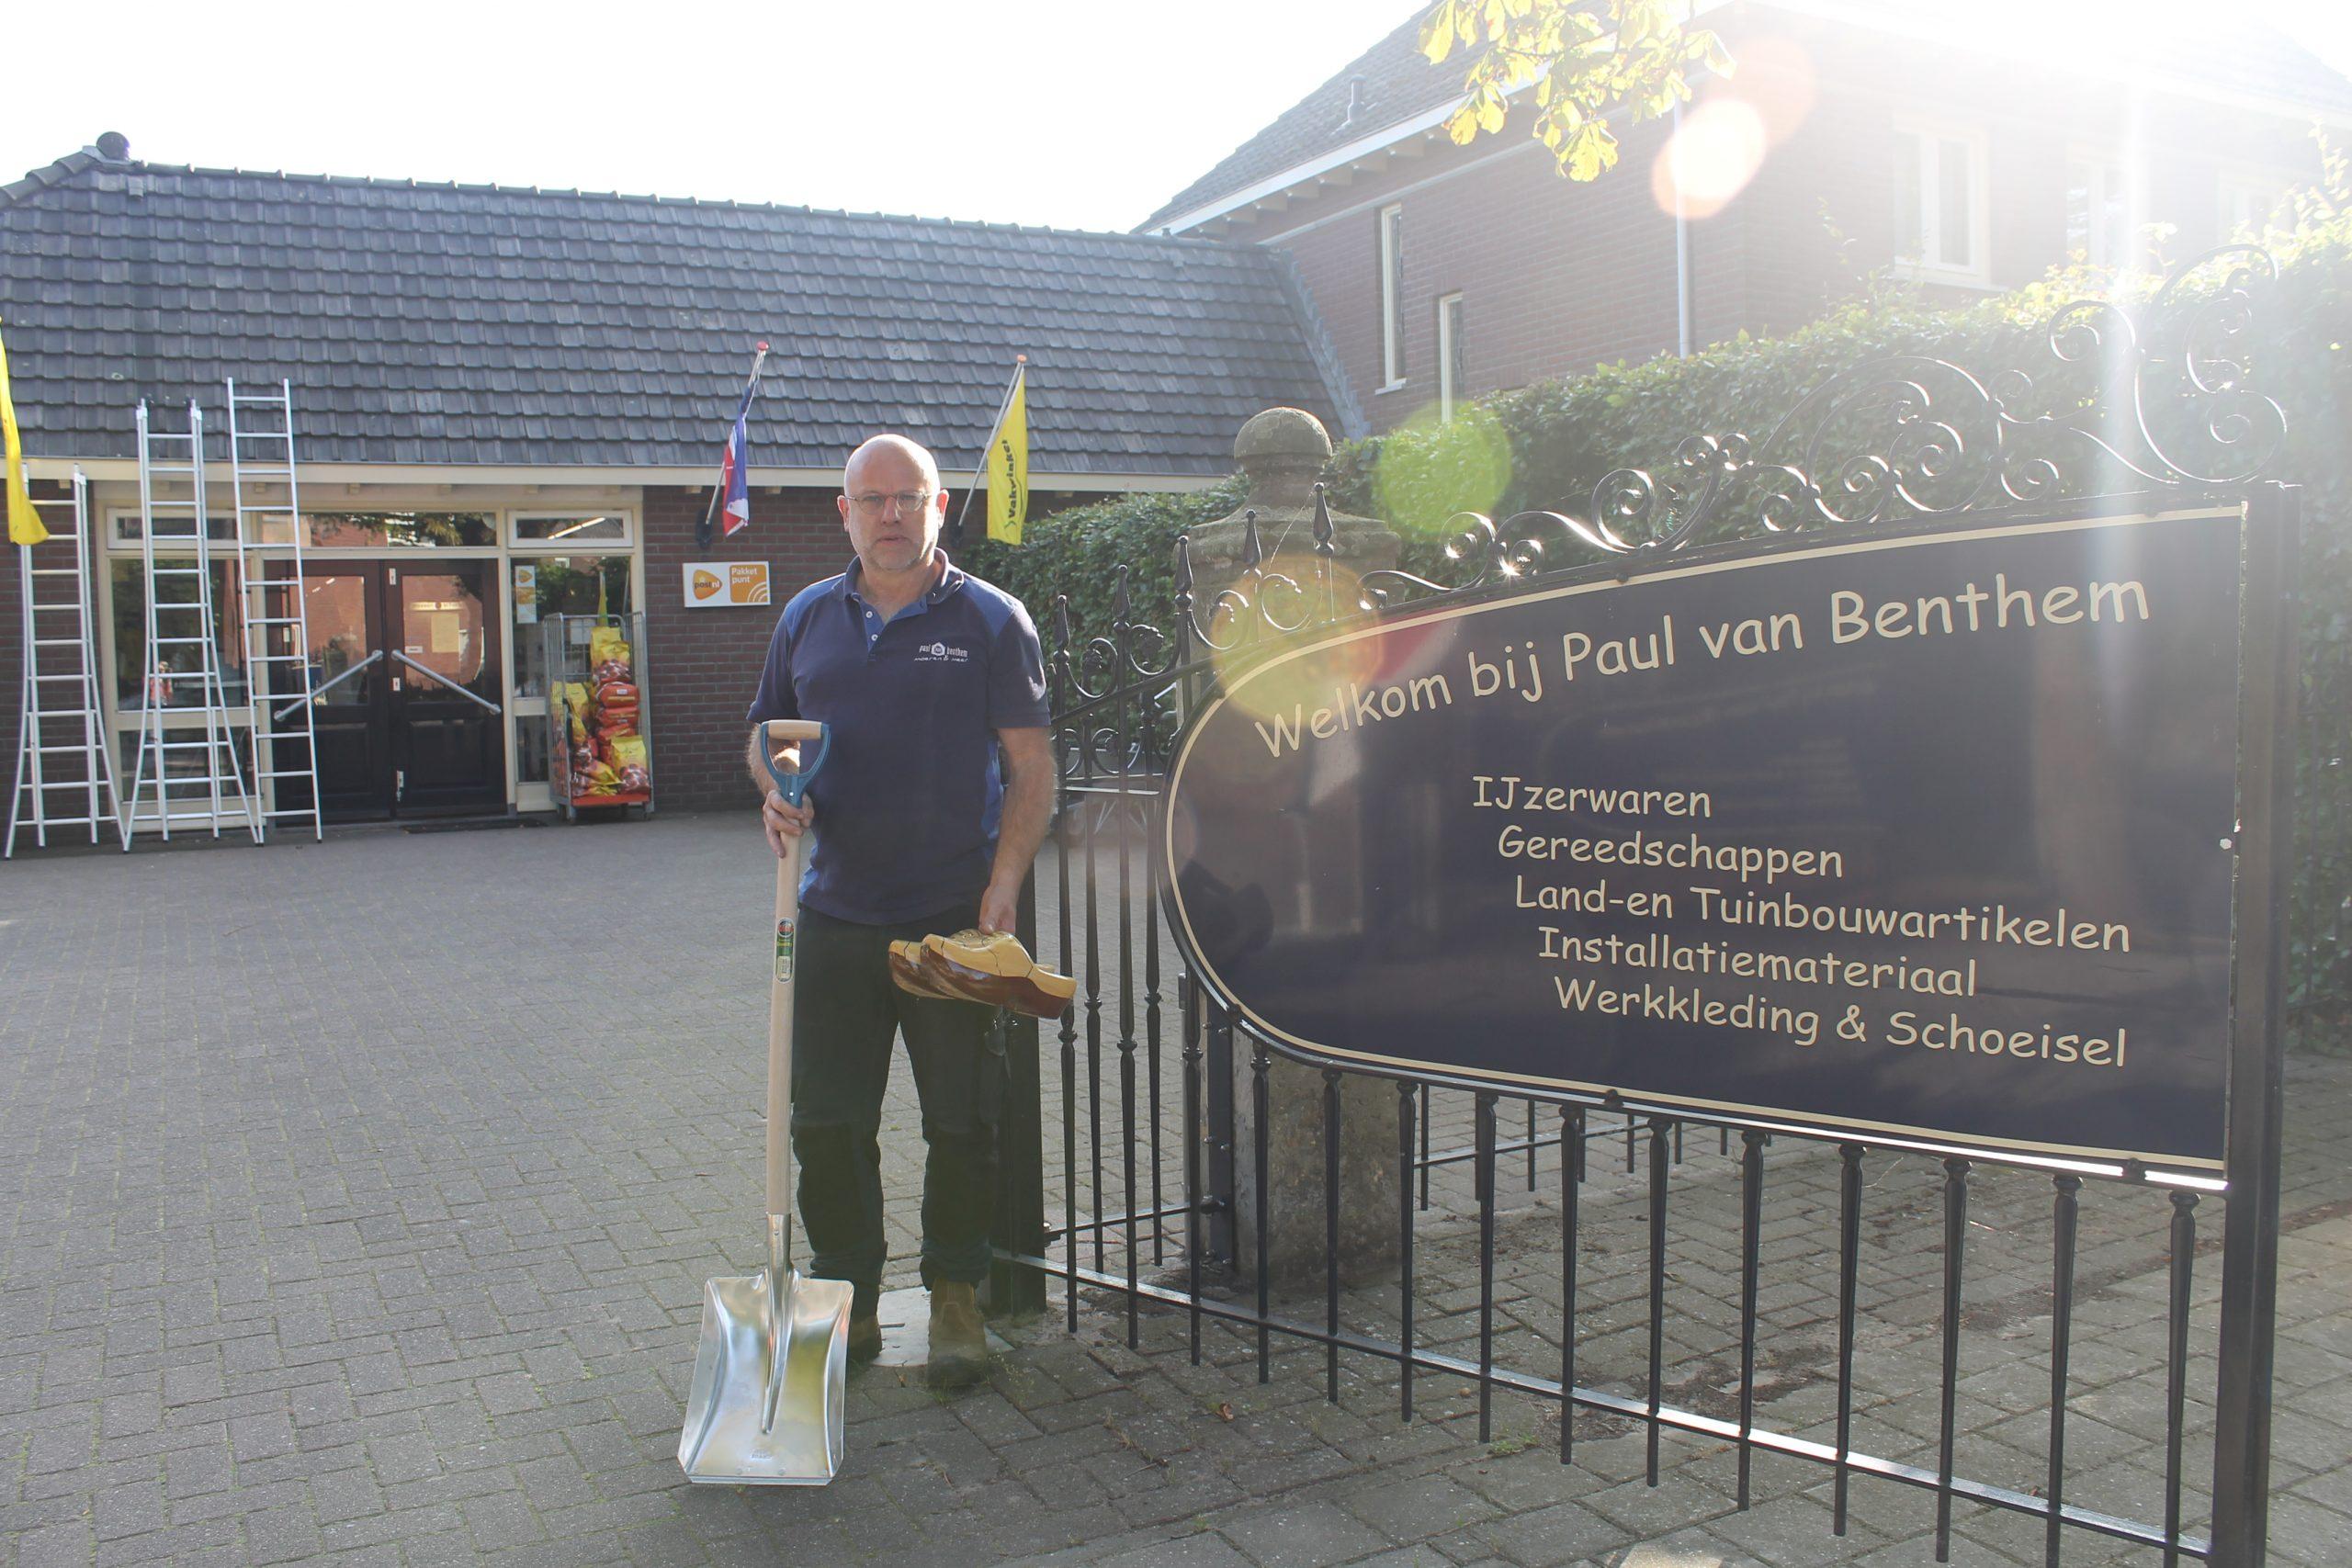 paul-van-benthem-eigenaar